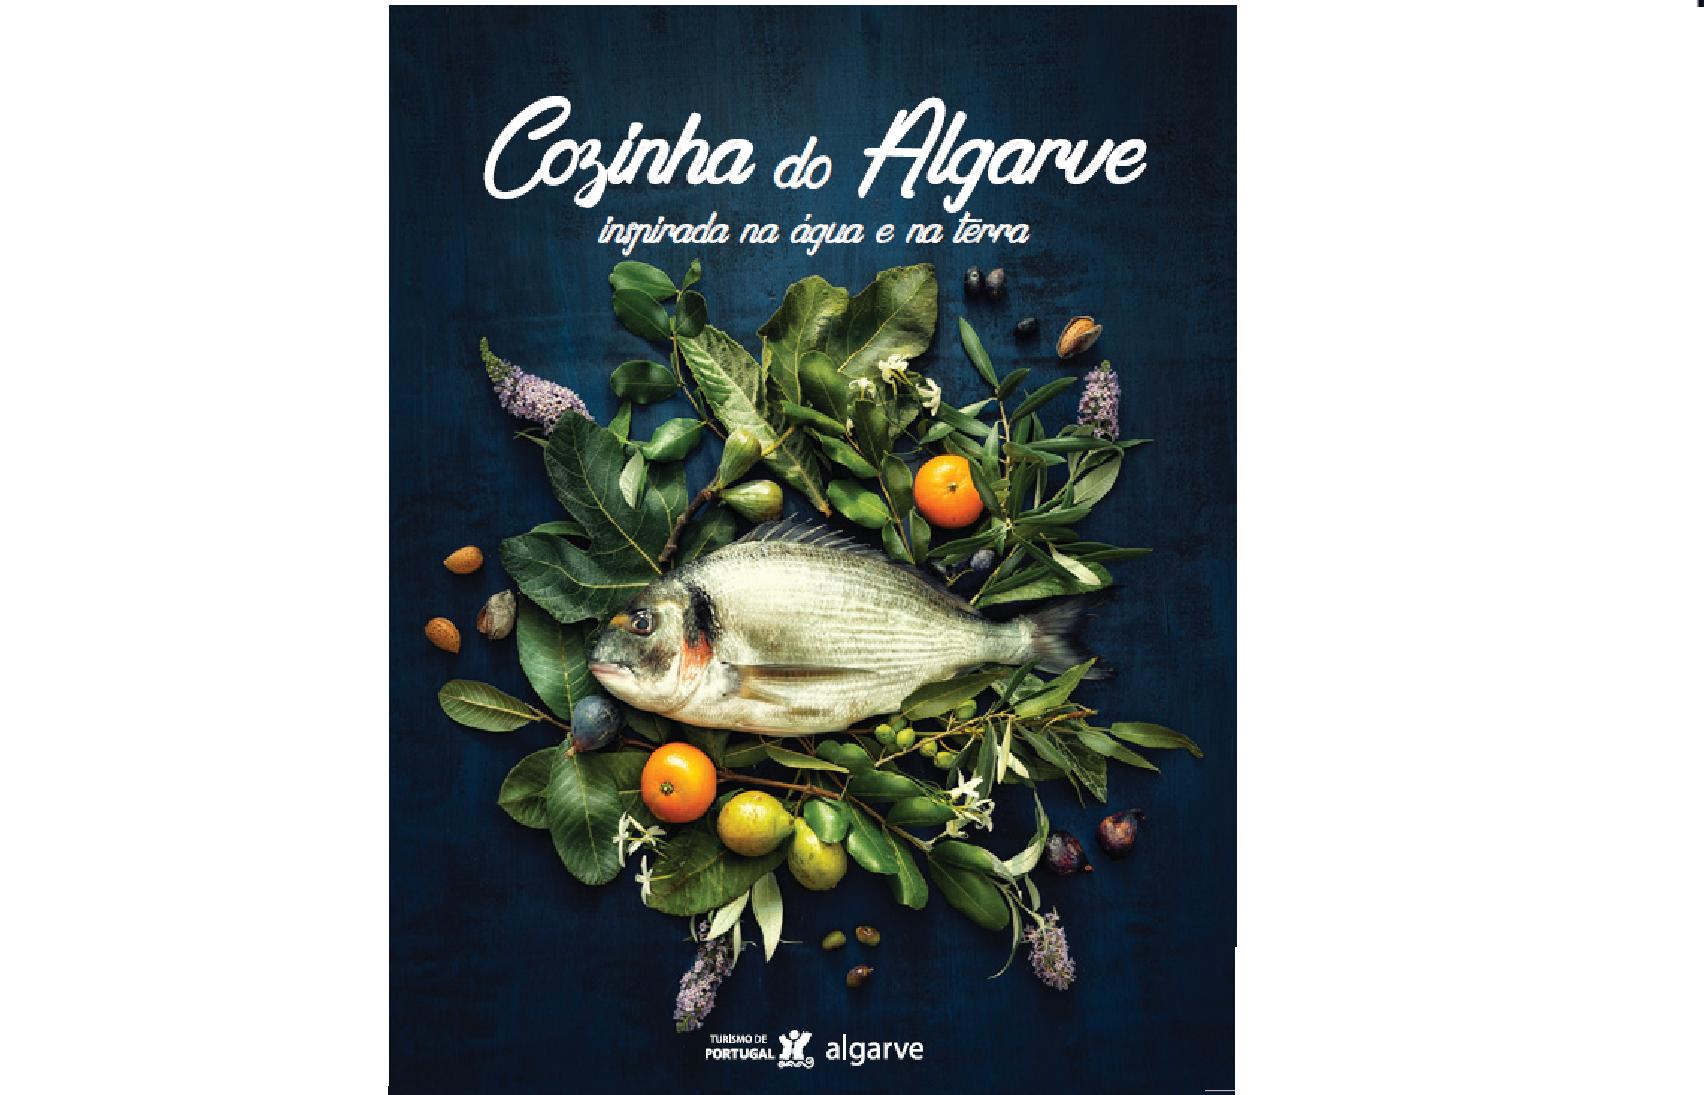 Cozinha do Algarve: inspirada na água e na terra